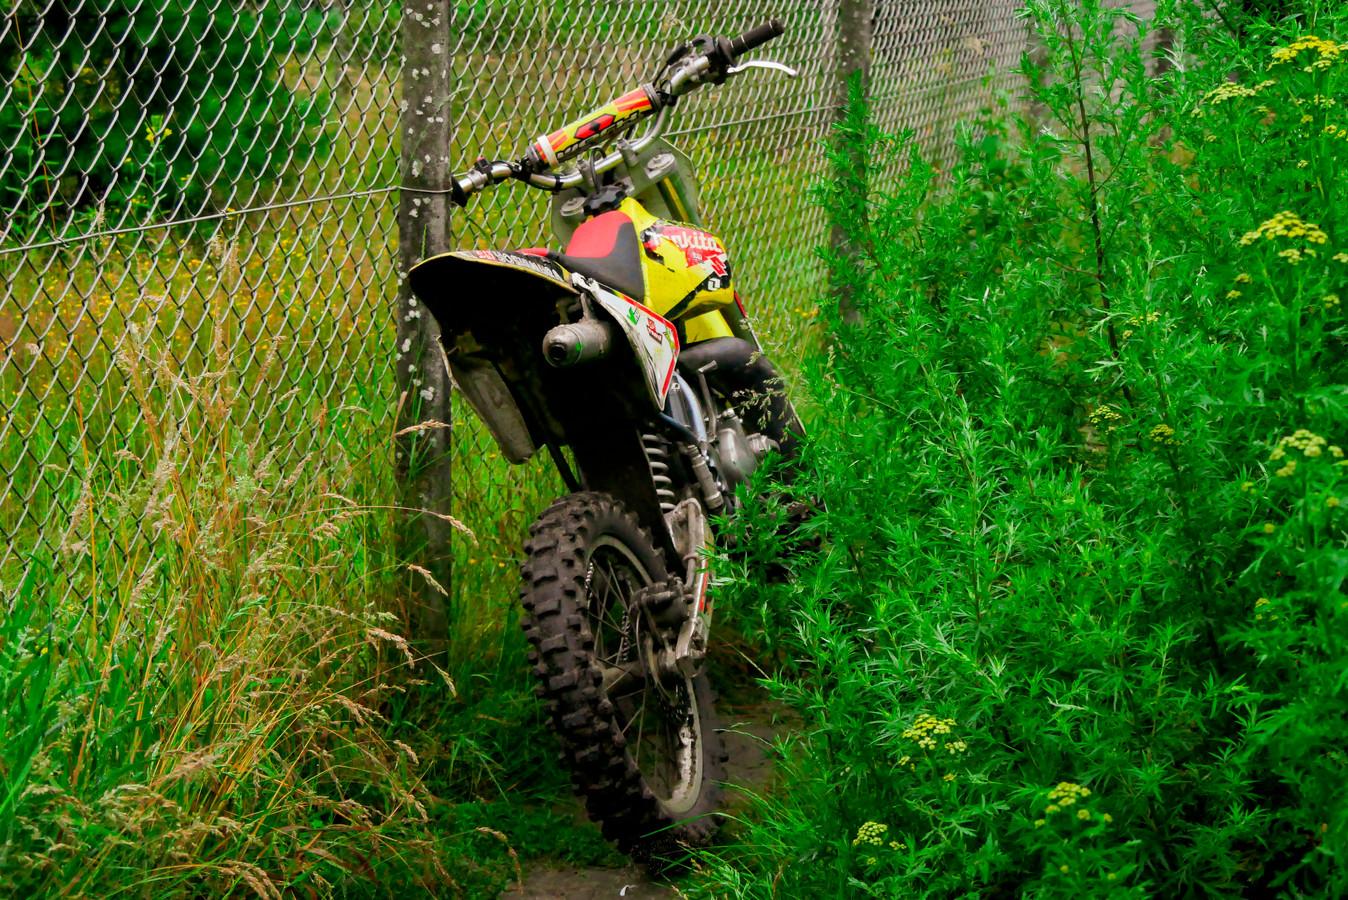 Crossmotoren en quads hebben geen kans meer op de heide en andere natuurgebieden rondom Oirschot. De gemeente gaat verbodsborden plaatsen en strenger handhaven. (Stockfoto)